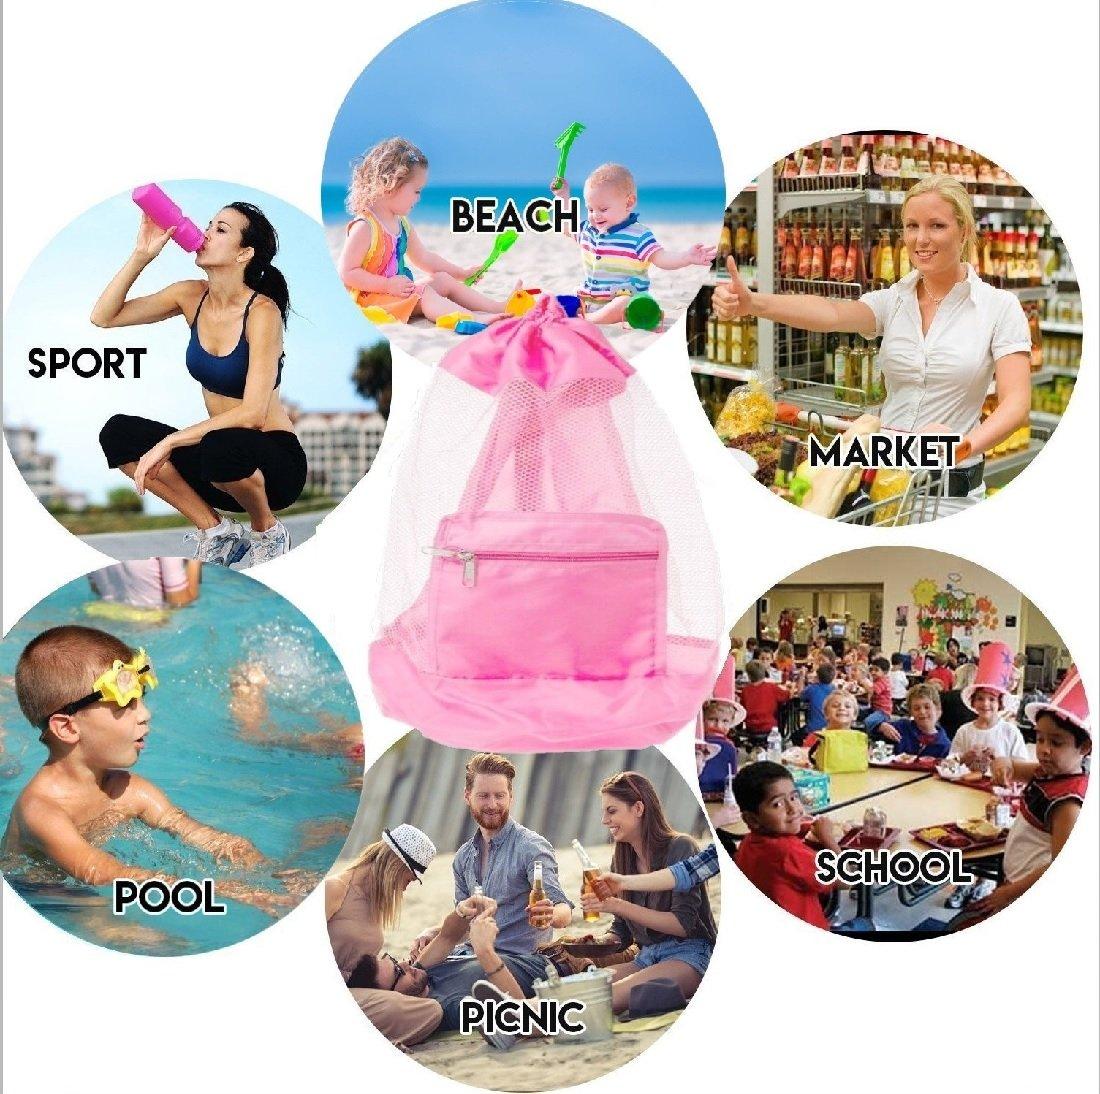 COOLGO XL Duradero Bolsa Playa Plegable Mochila de Playa con Cord/ón Ni/ño Bolsa de Rejilla para meter los Juguetes de la Playa y la Piscina Bolsa de Malla de Arena Grande